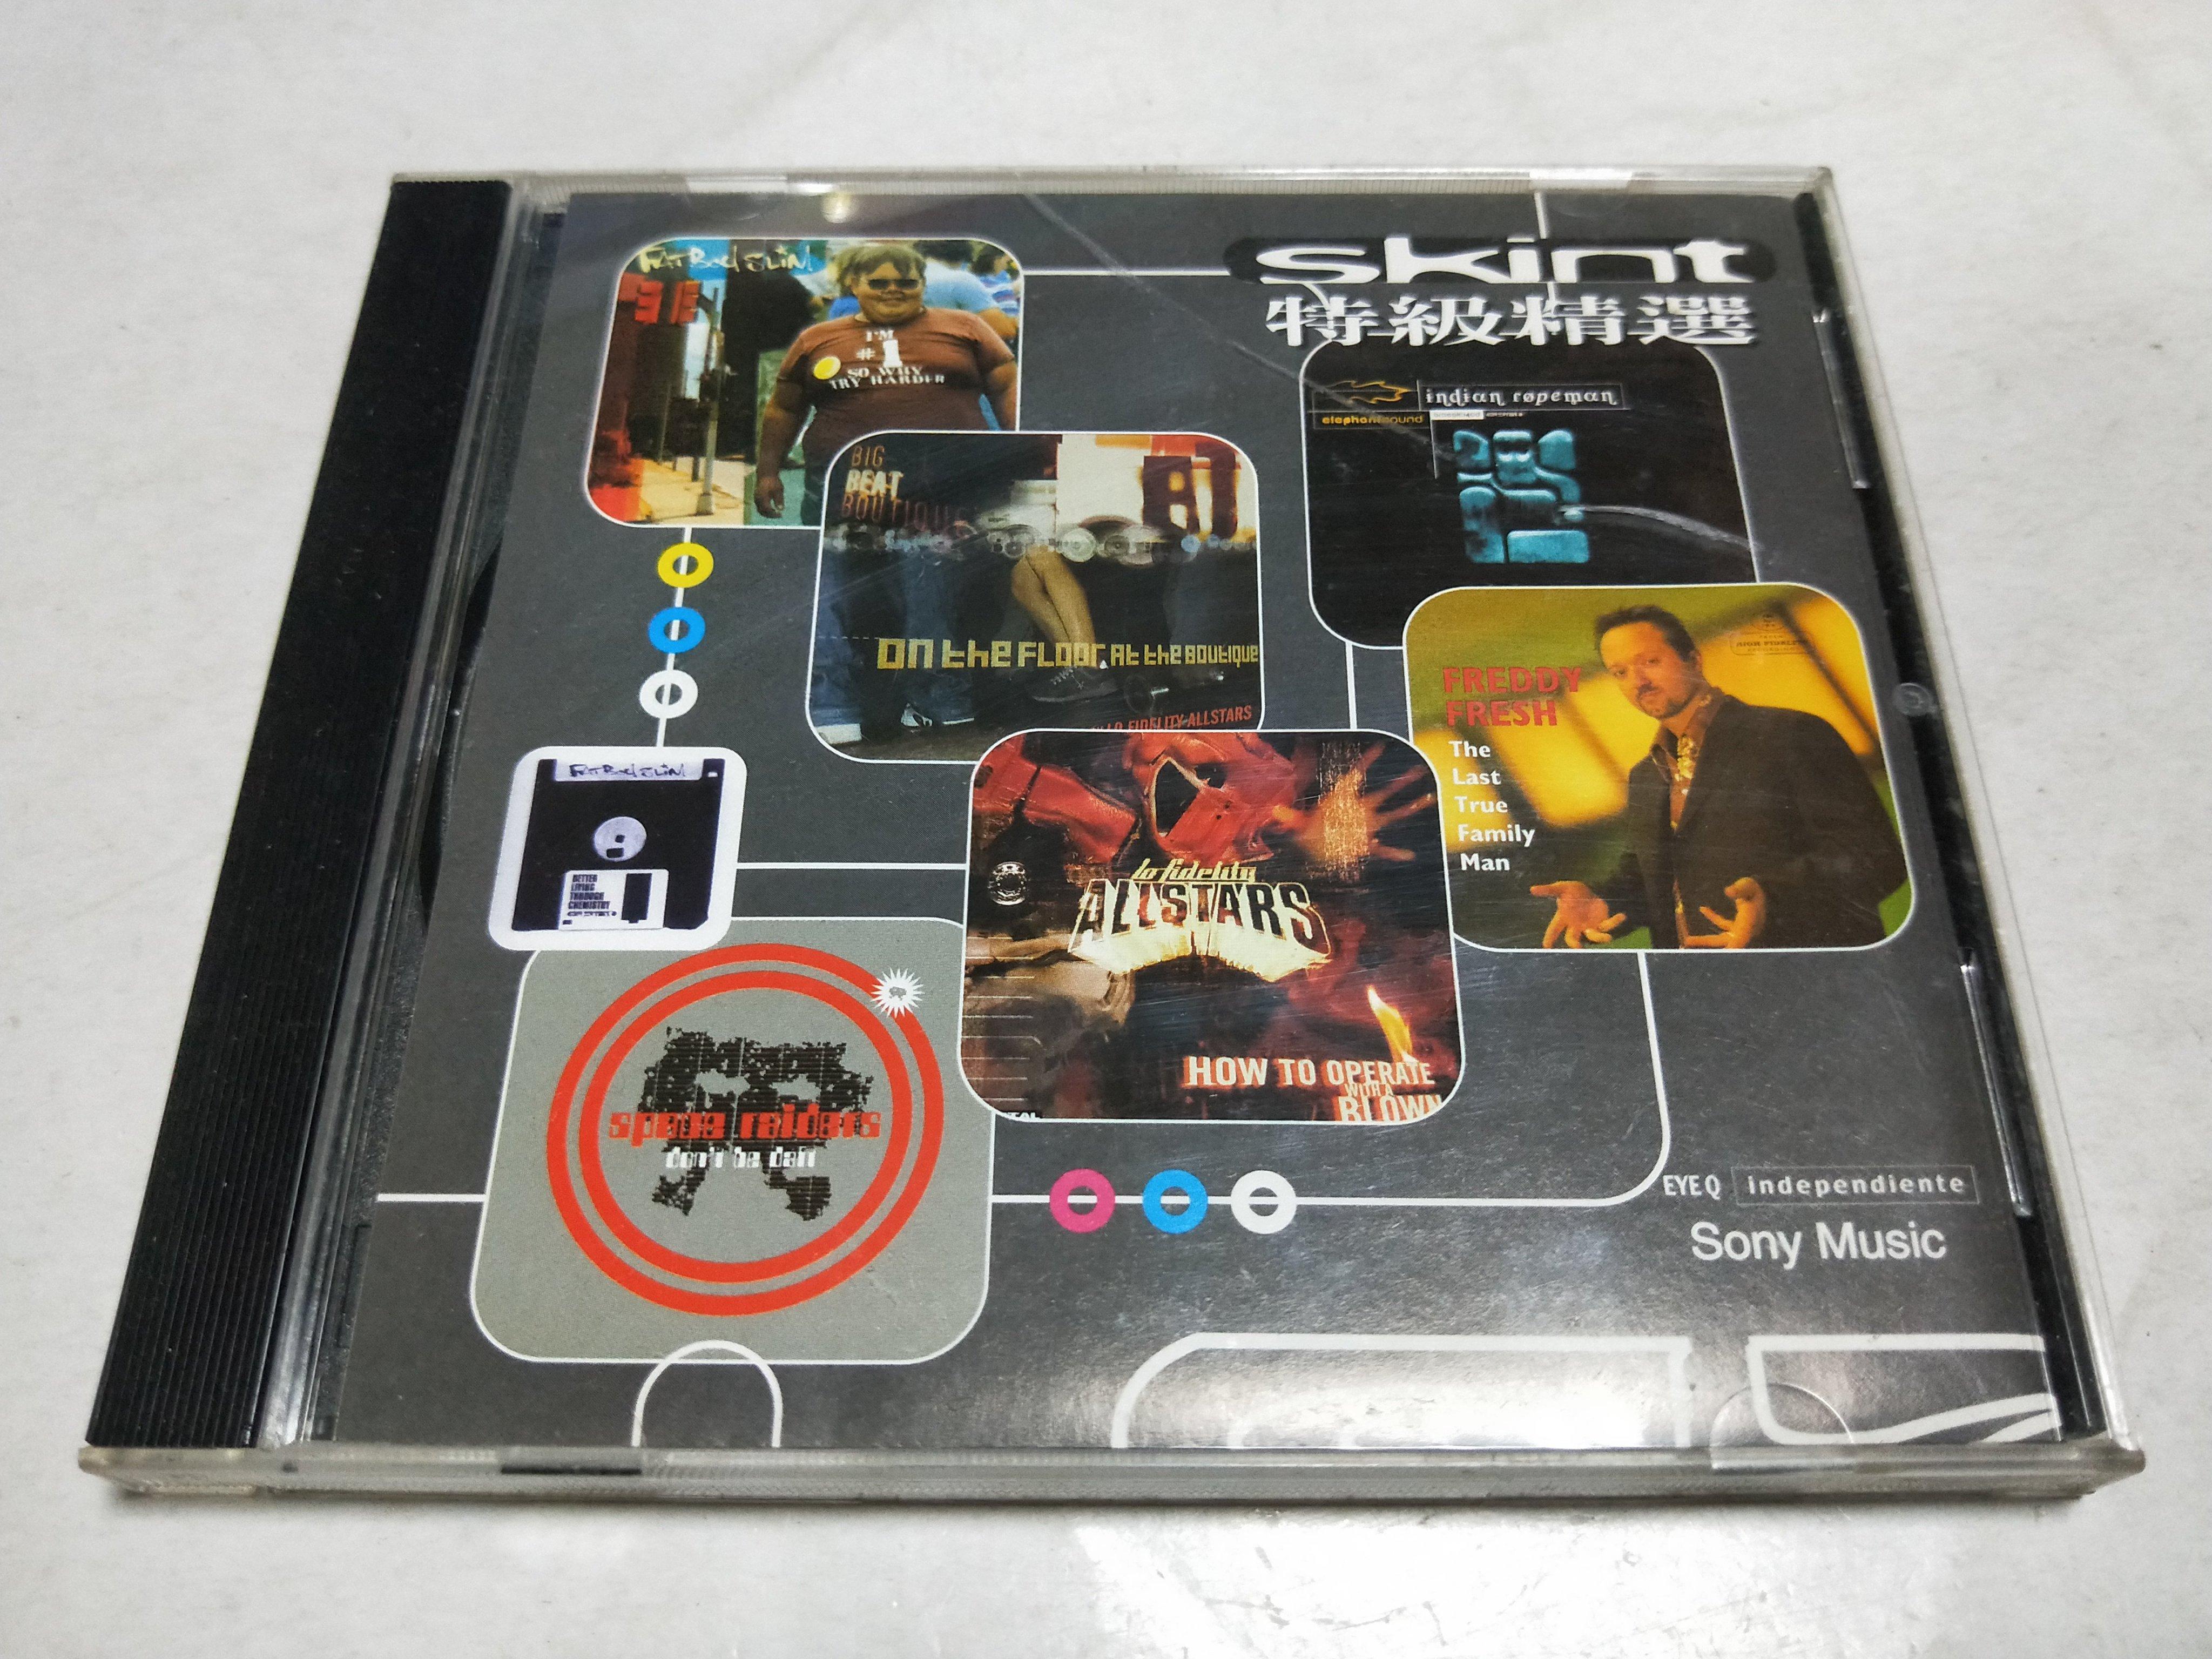 昀嫣音樂(CD134) skint 特級精選 sony music 保存如圖 售出不退